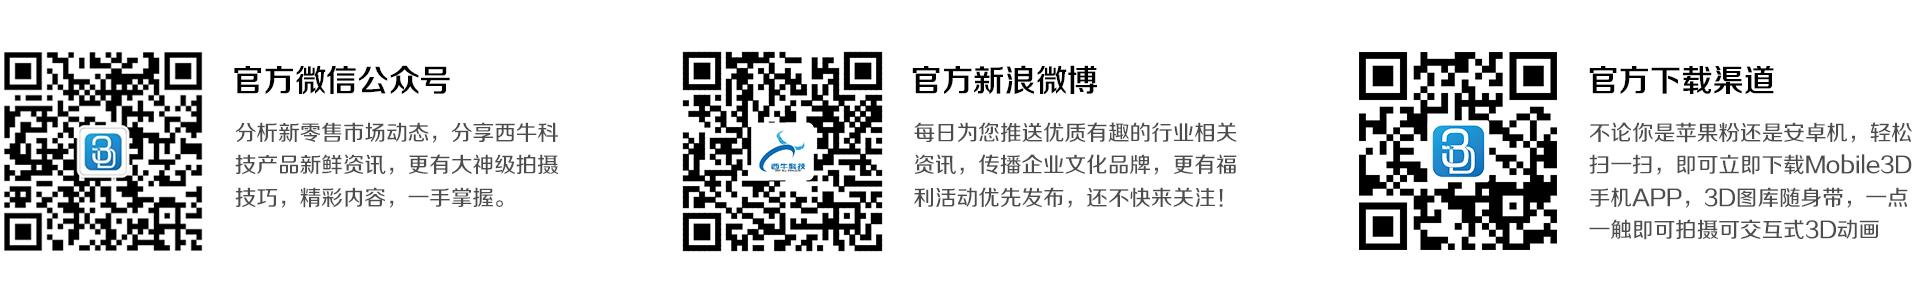 二维码导航.jpg